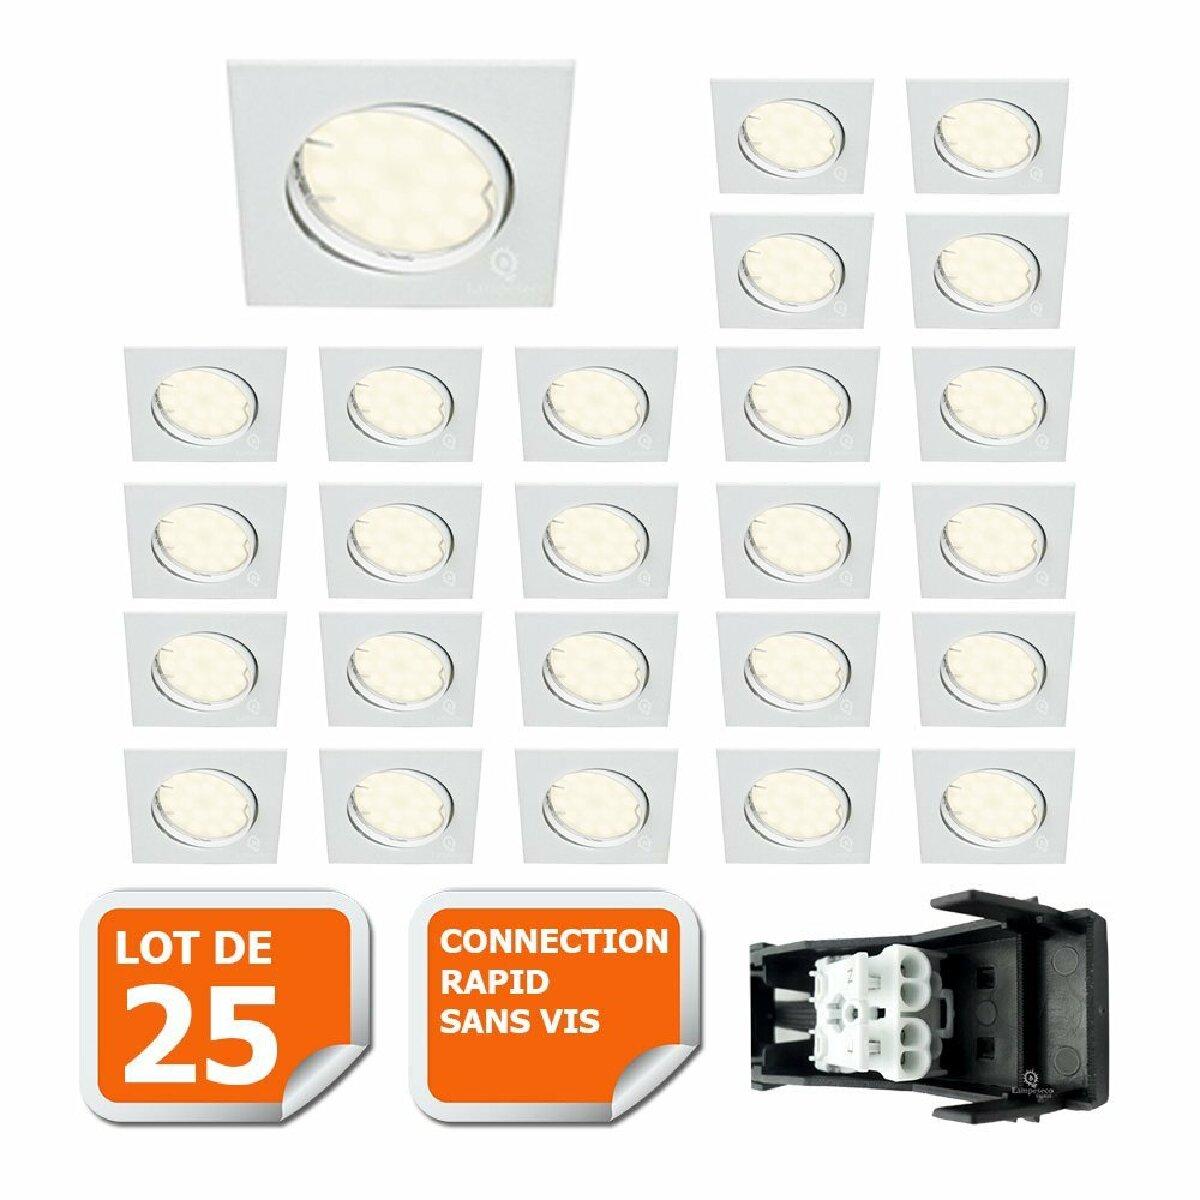 Lampesecoenergie LOT DE 25 SPOT ENCASTRABLE ORIENTABLE LED CARRE GU10 230V eq. 50W BLANC NEUTRE